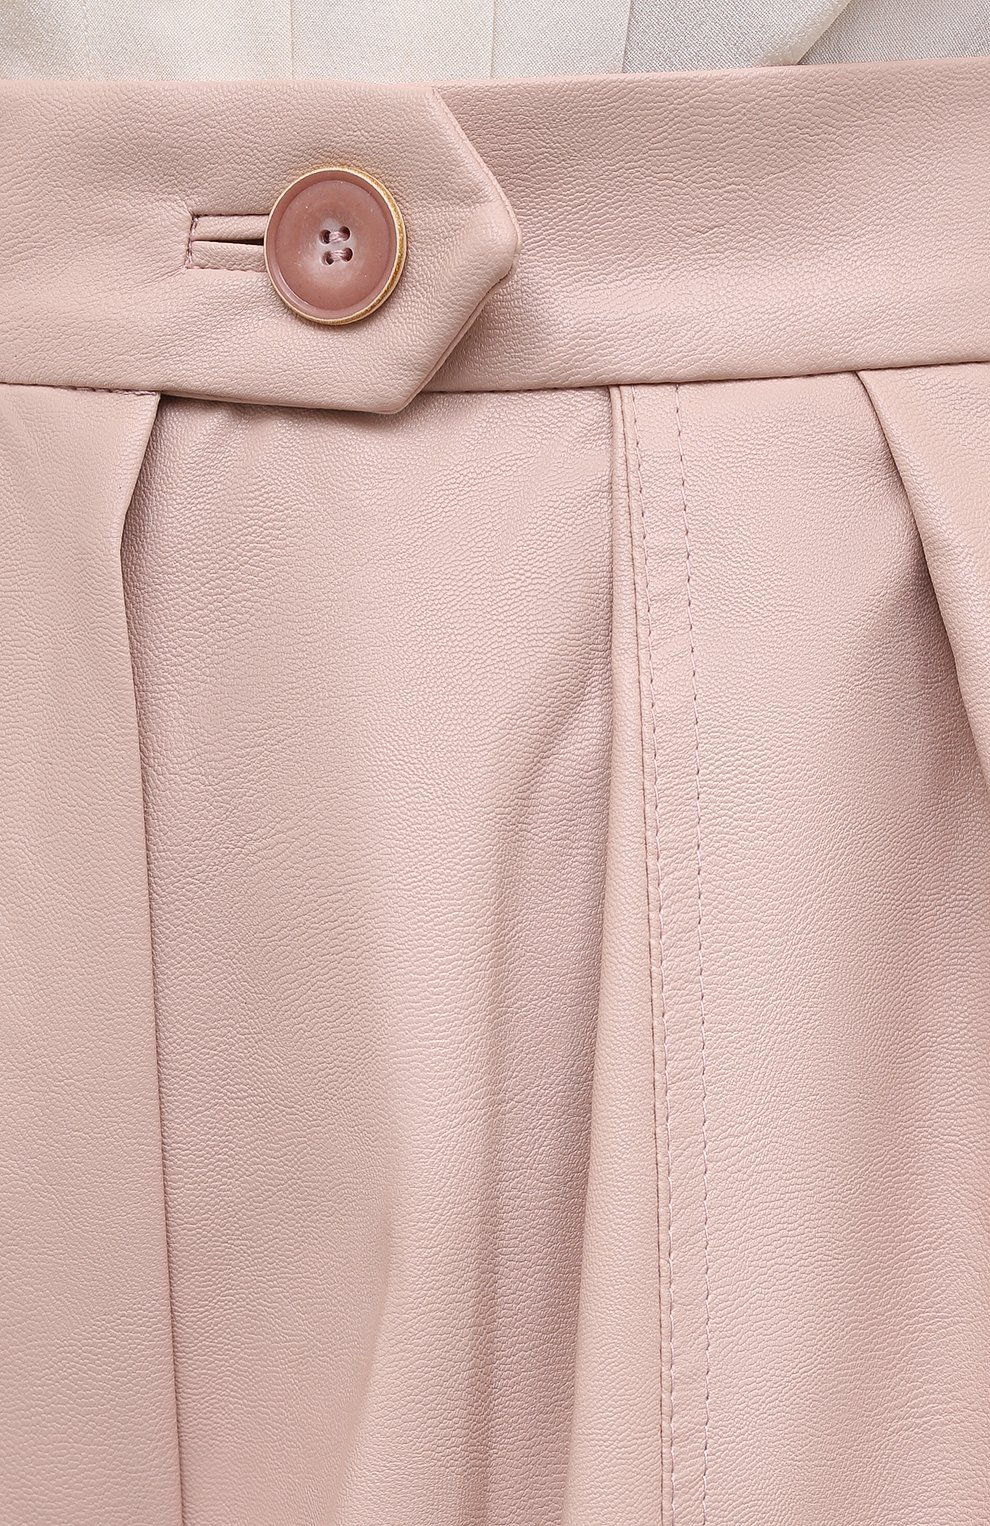 Женские шорты LESYANEBO розового цвета, арт. FW20/H-469/VL   Фото 5 (Женское Кросс-КТ: Шорты-одежда; Материал внешний: Синтетический материал, Вискоза; Кросс-КТ: Широкие; Длина Ж (юбки, платья, шорты): До колена; Стили: Романтичный)